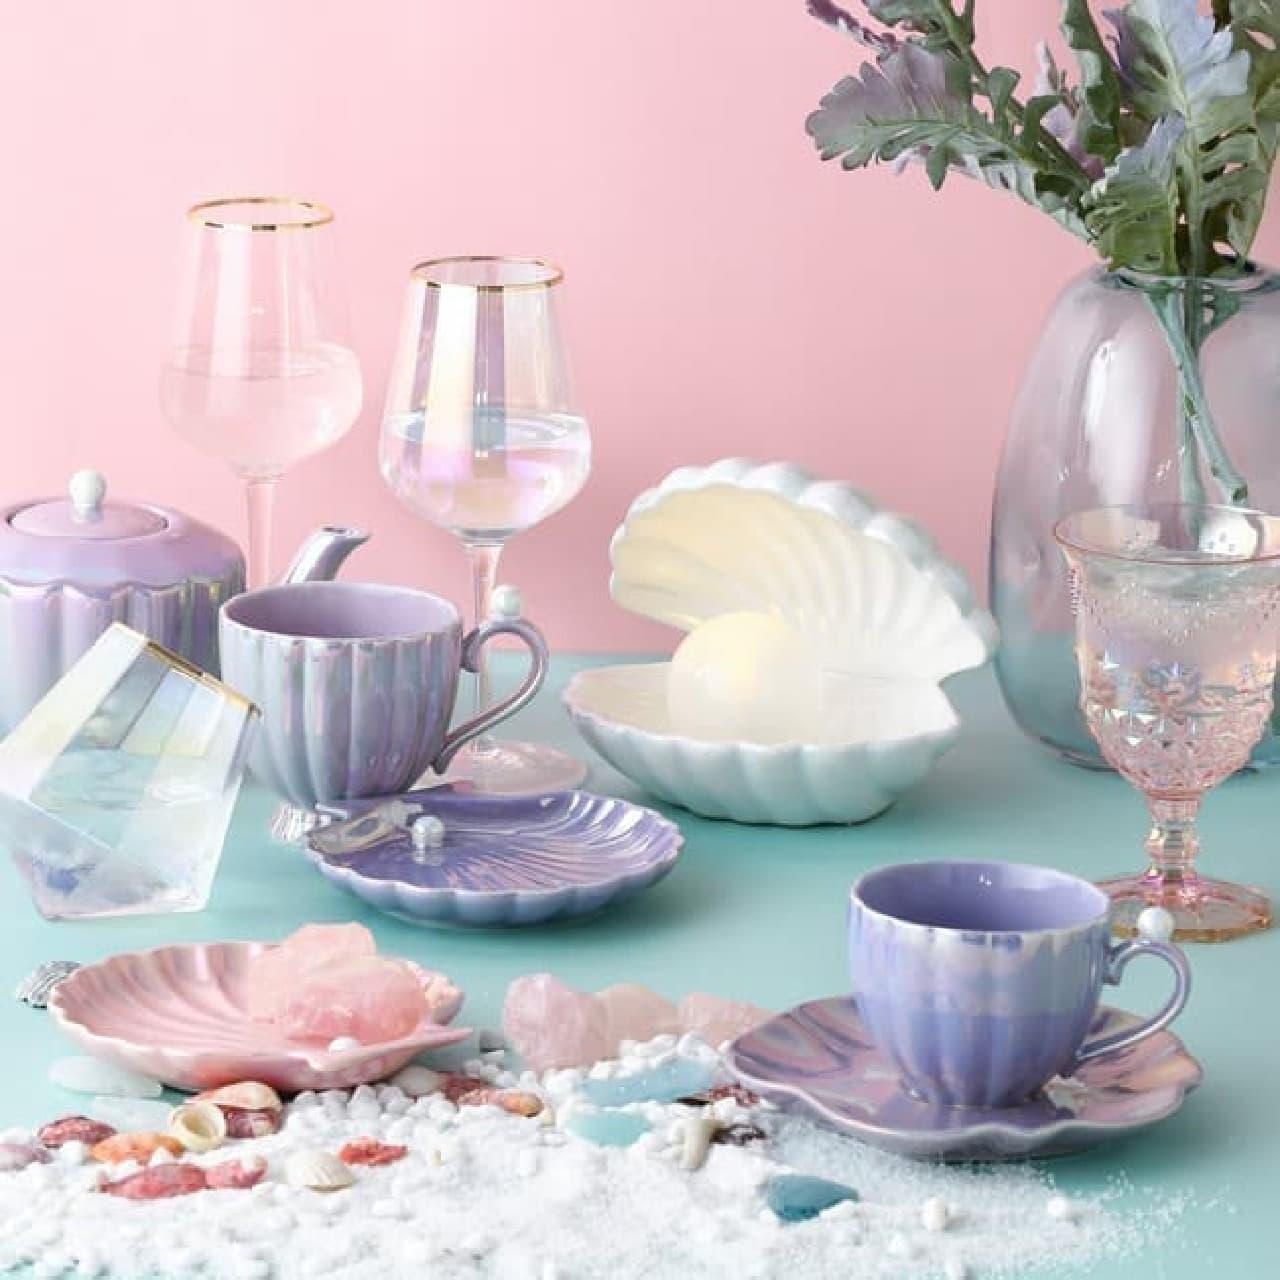 涼しい貝殻モチーフ♪ Francfrancから夏のテーブルウェア